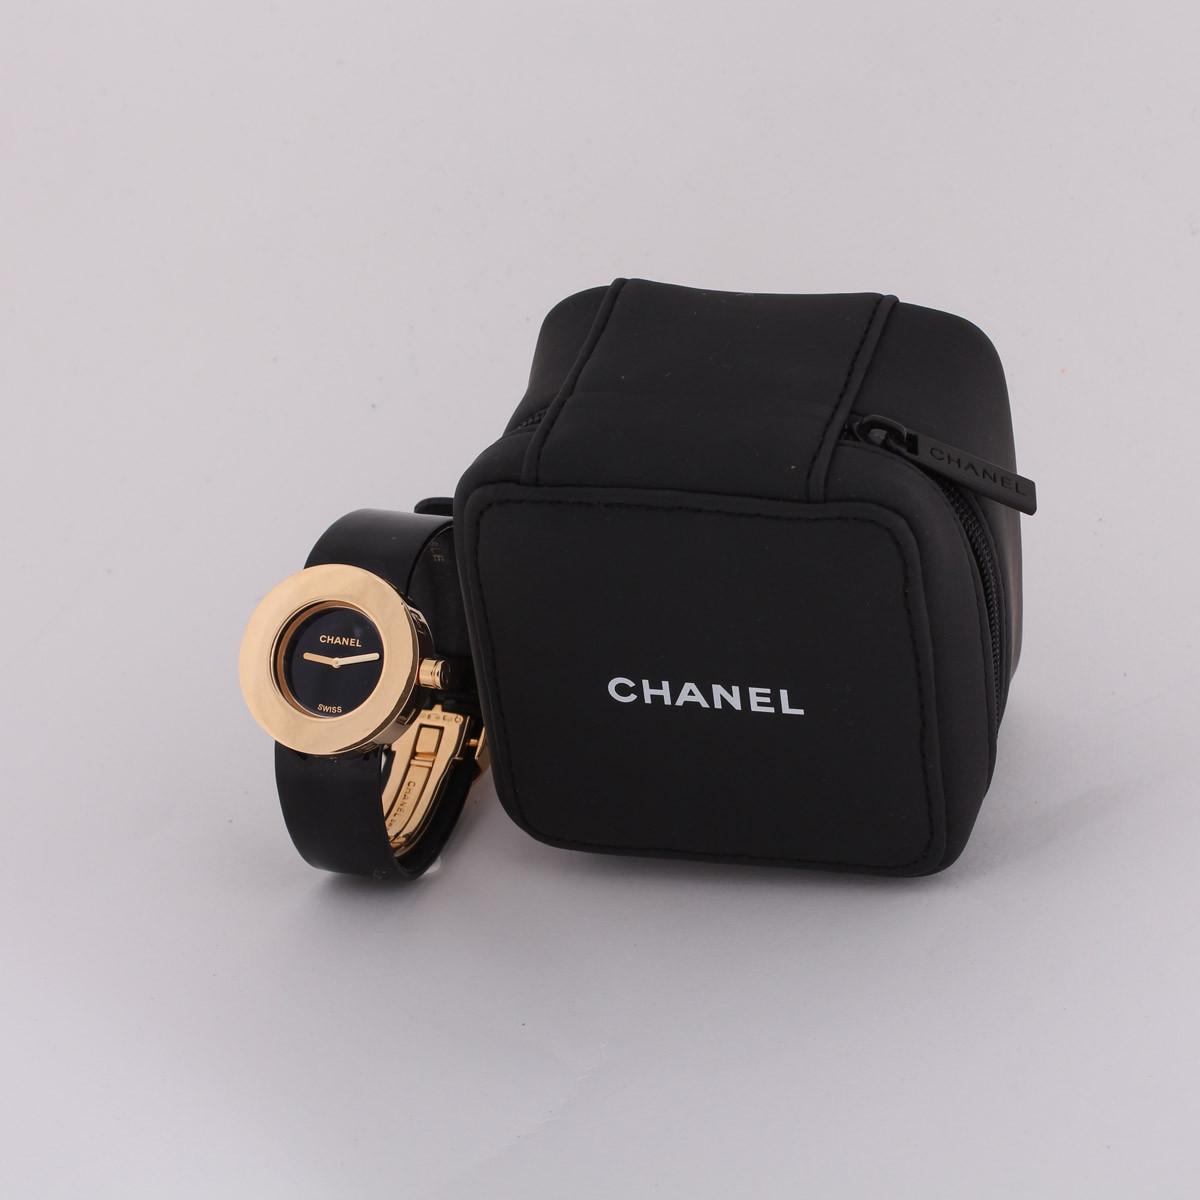 Chanel Montre La Ronde occasion 7a47b0fc177b